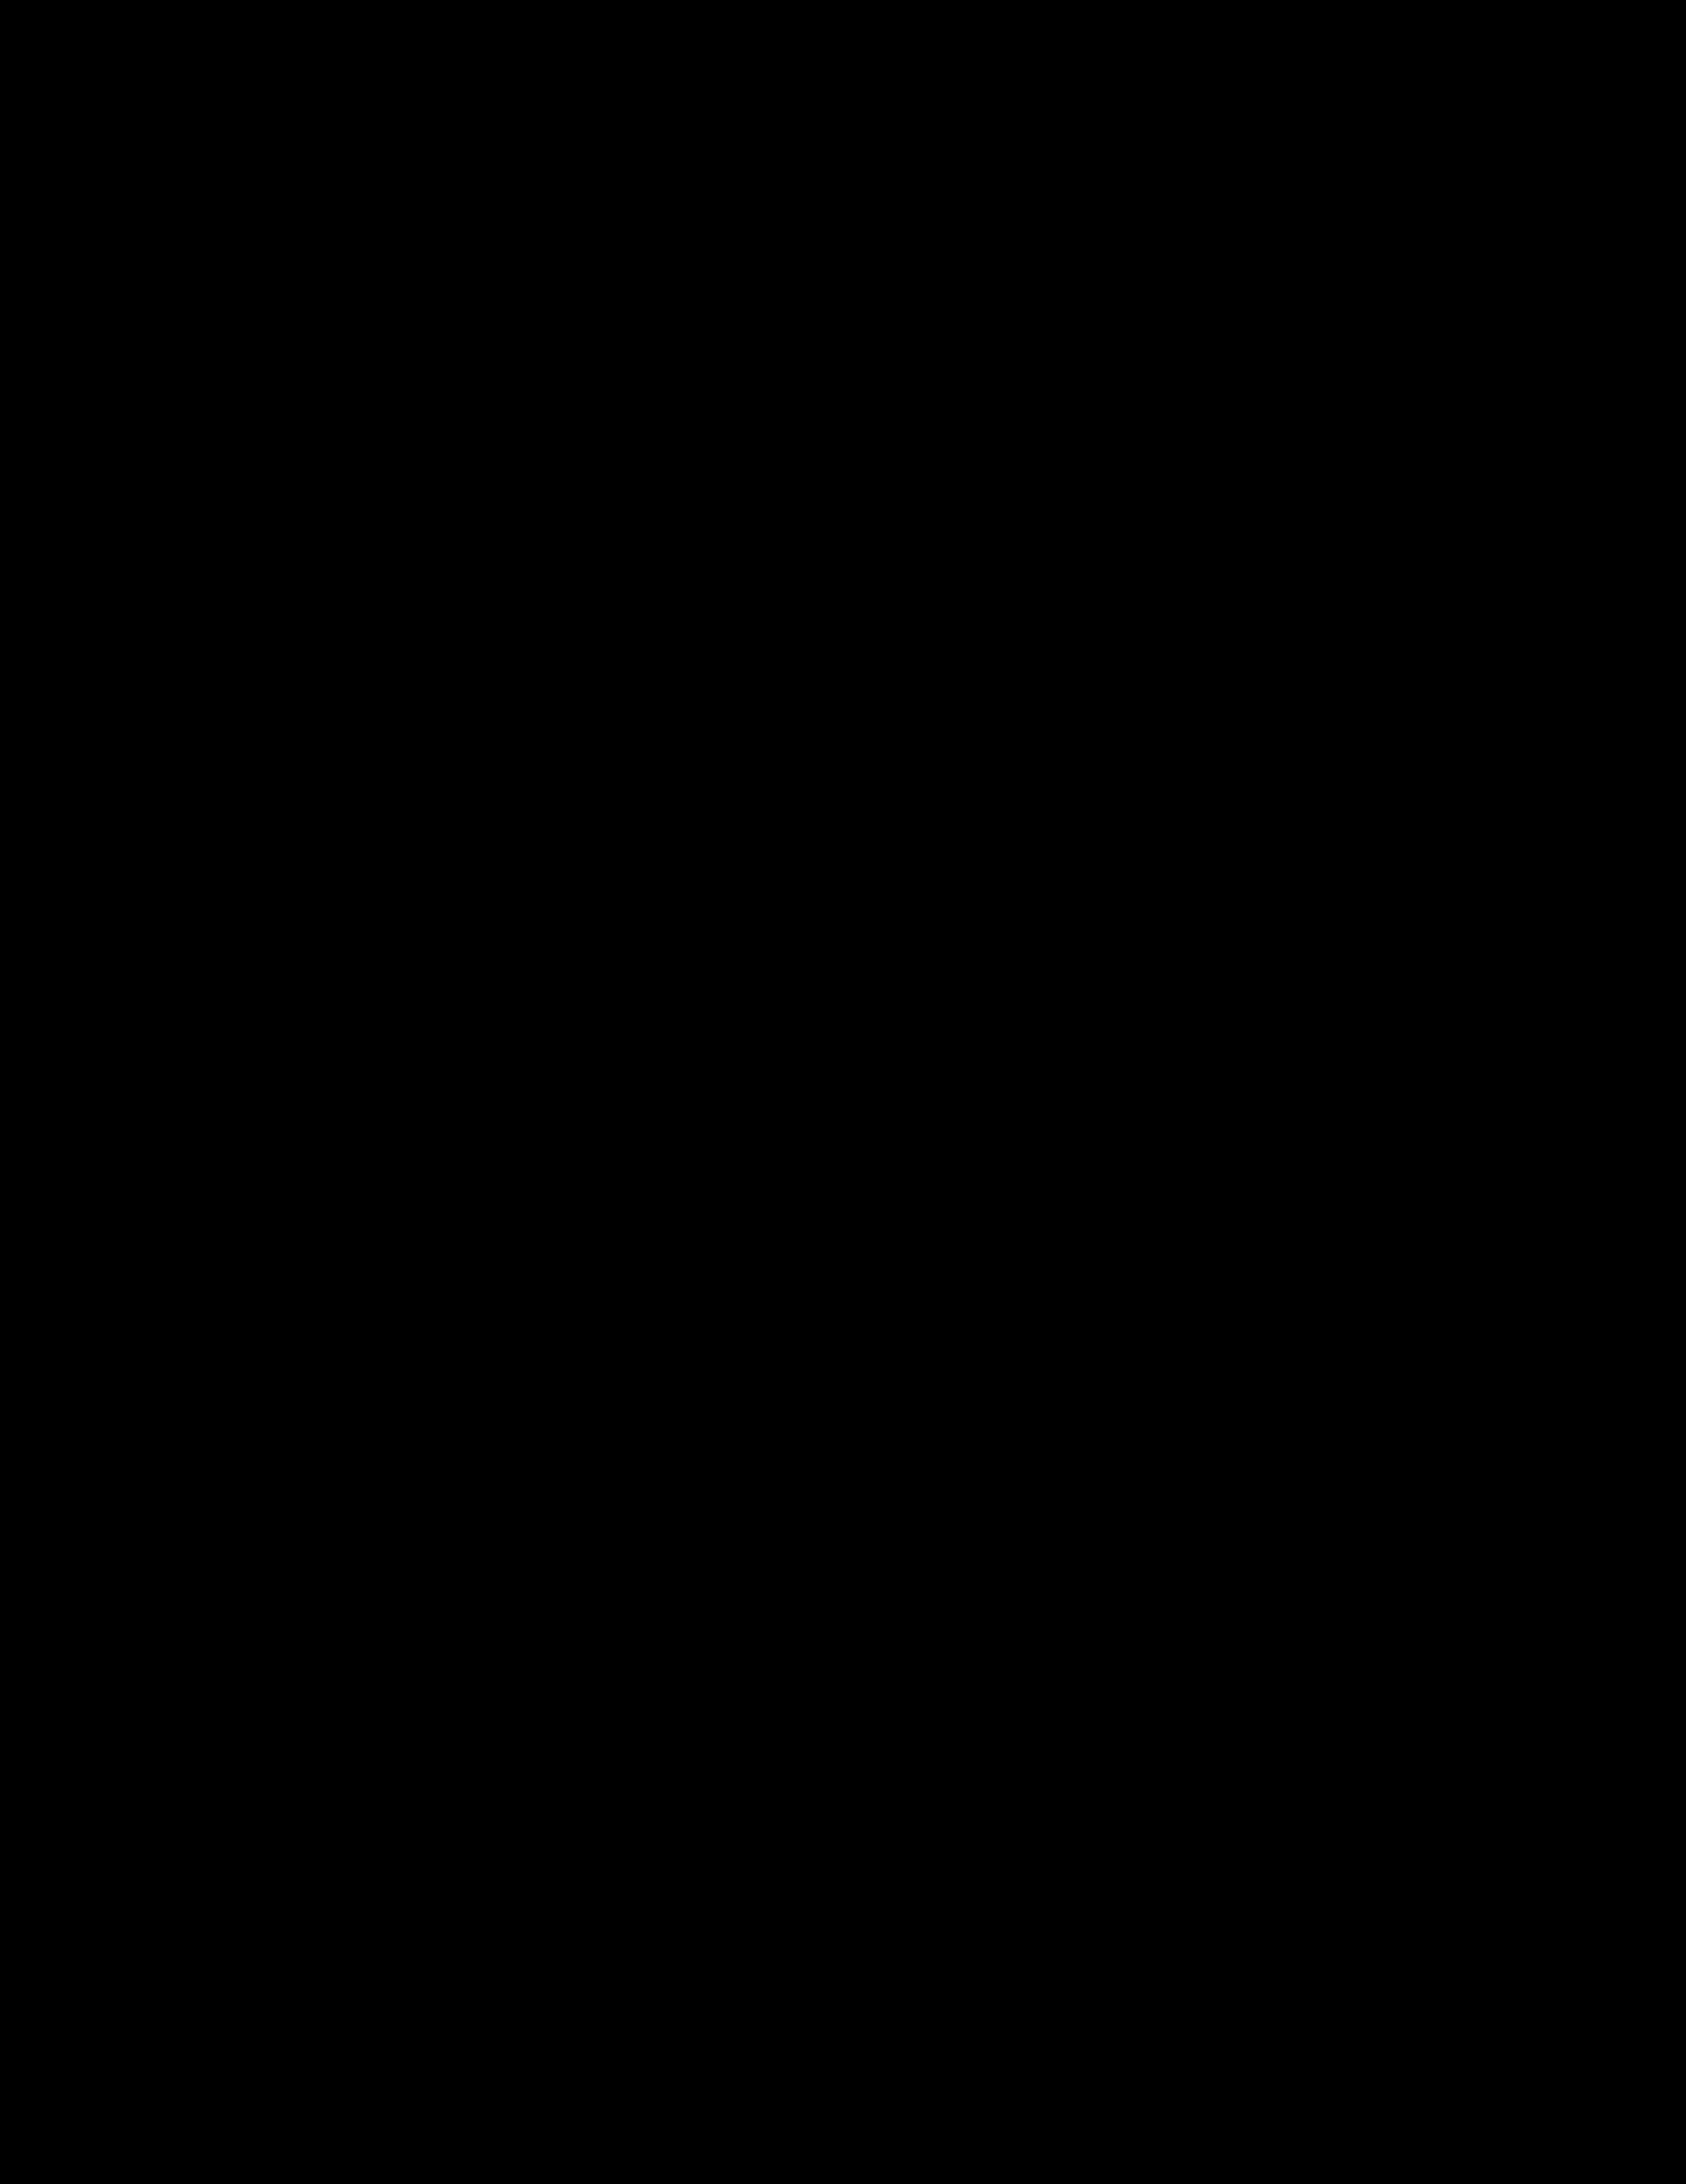 Greensoul.ca logo